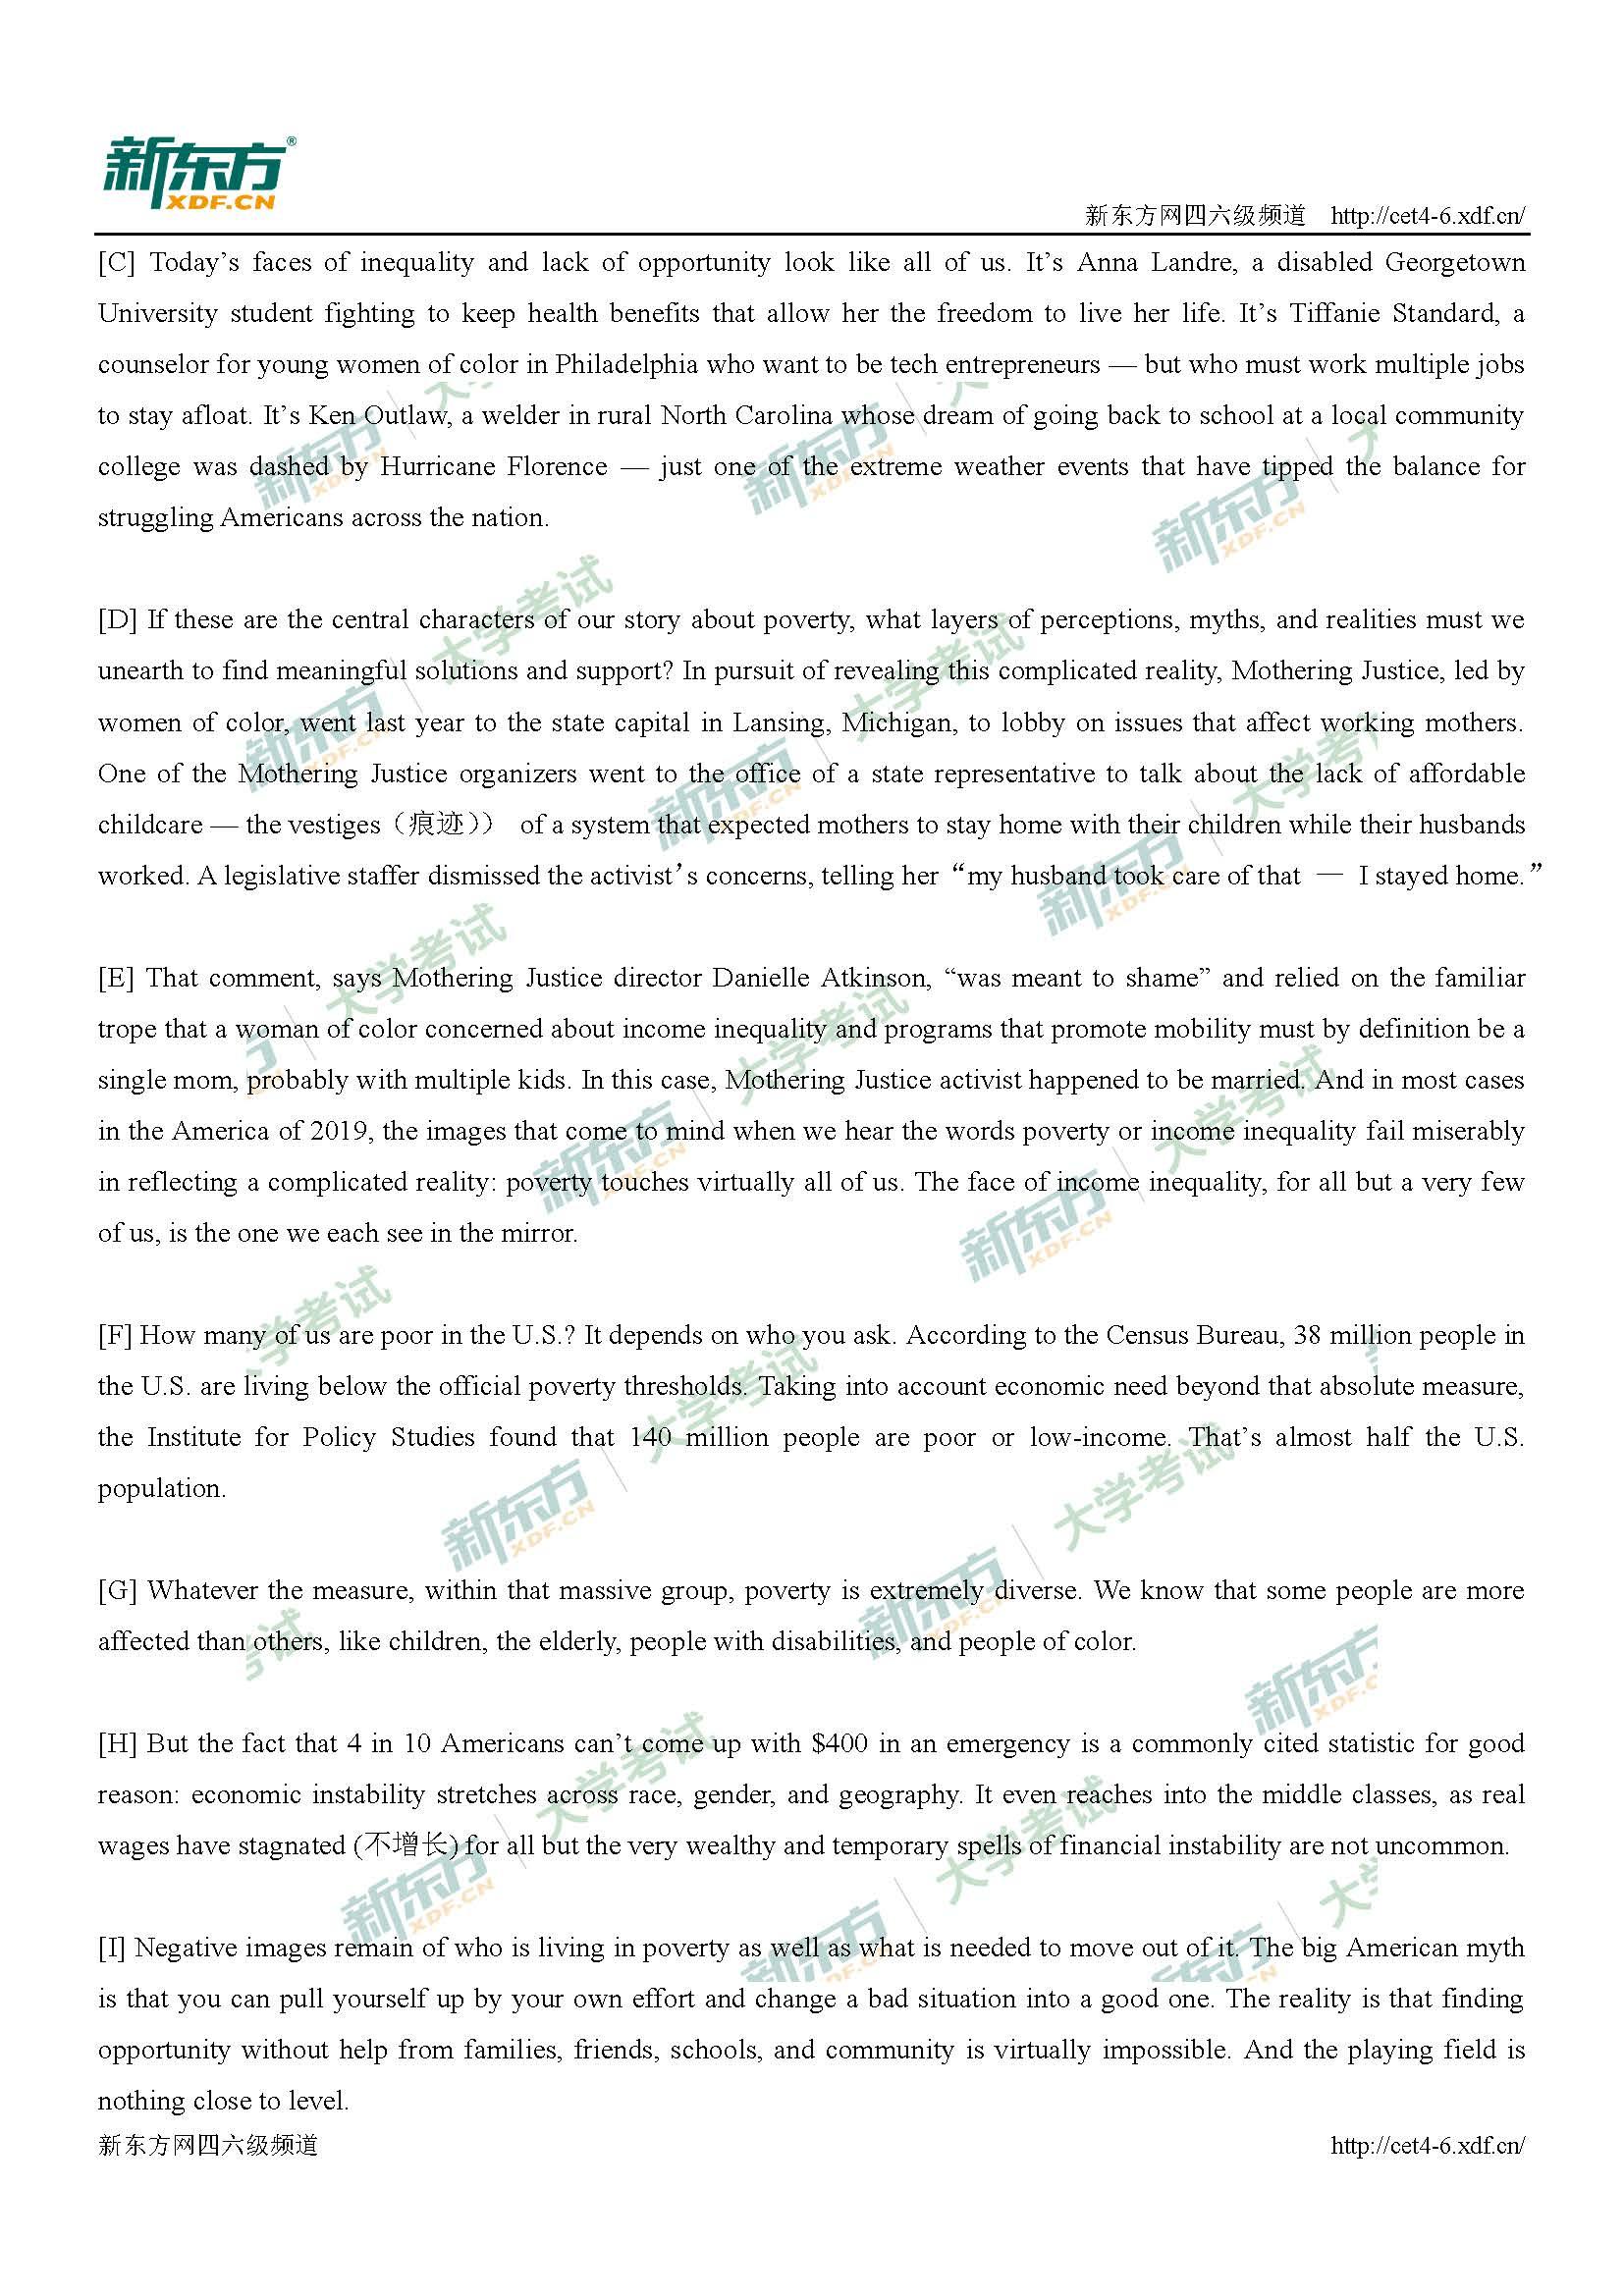 2020年12月英语四级阅读真题及解析(云南新东方)